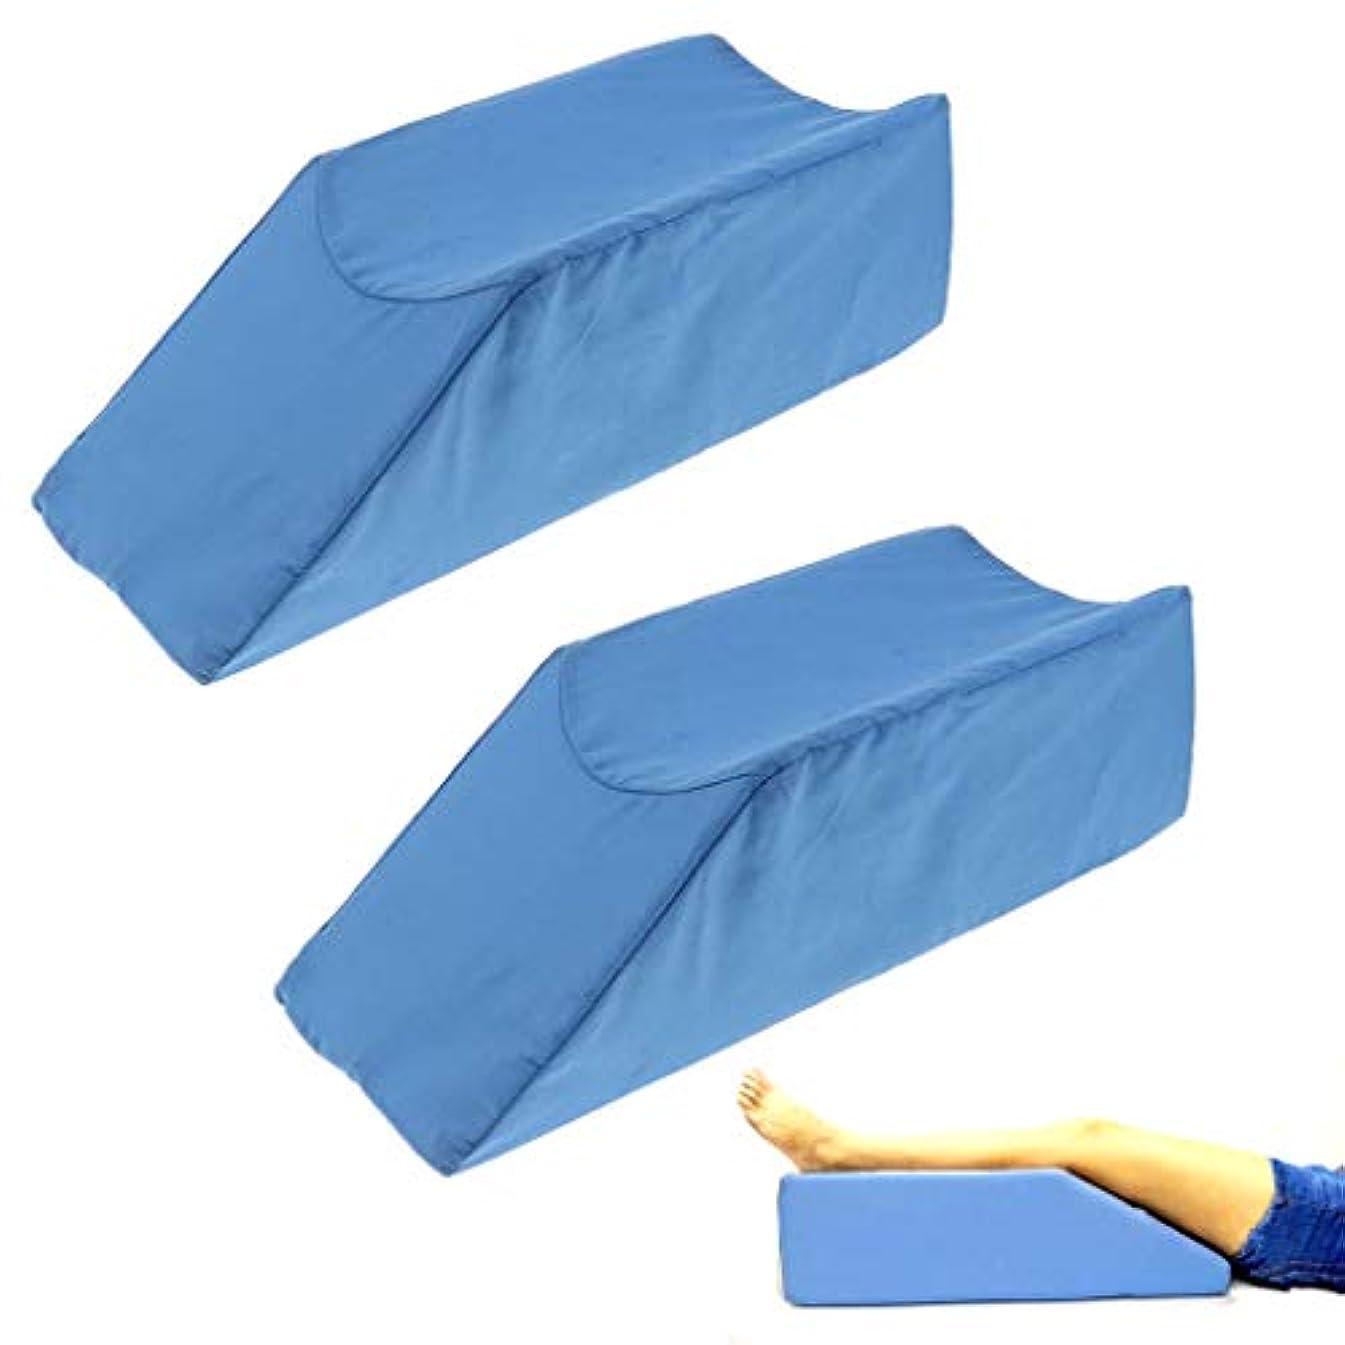 エッセンス義務付けられた階層膝足脚昇降スプリント-脚昇降枕-妊娠、腰痛、坐骨神経痛のためのウェッジエレベーターサポートクッション(2パック)